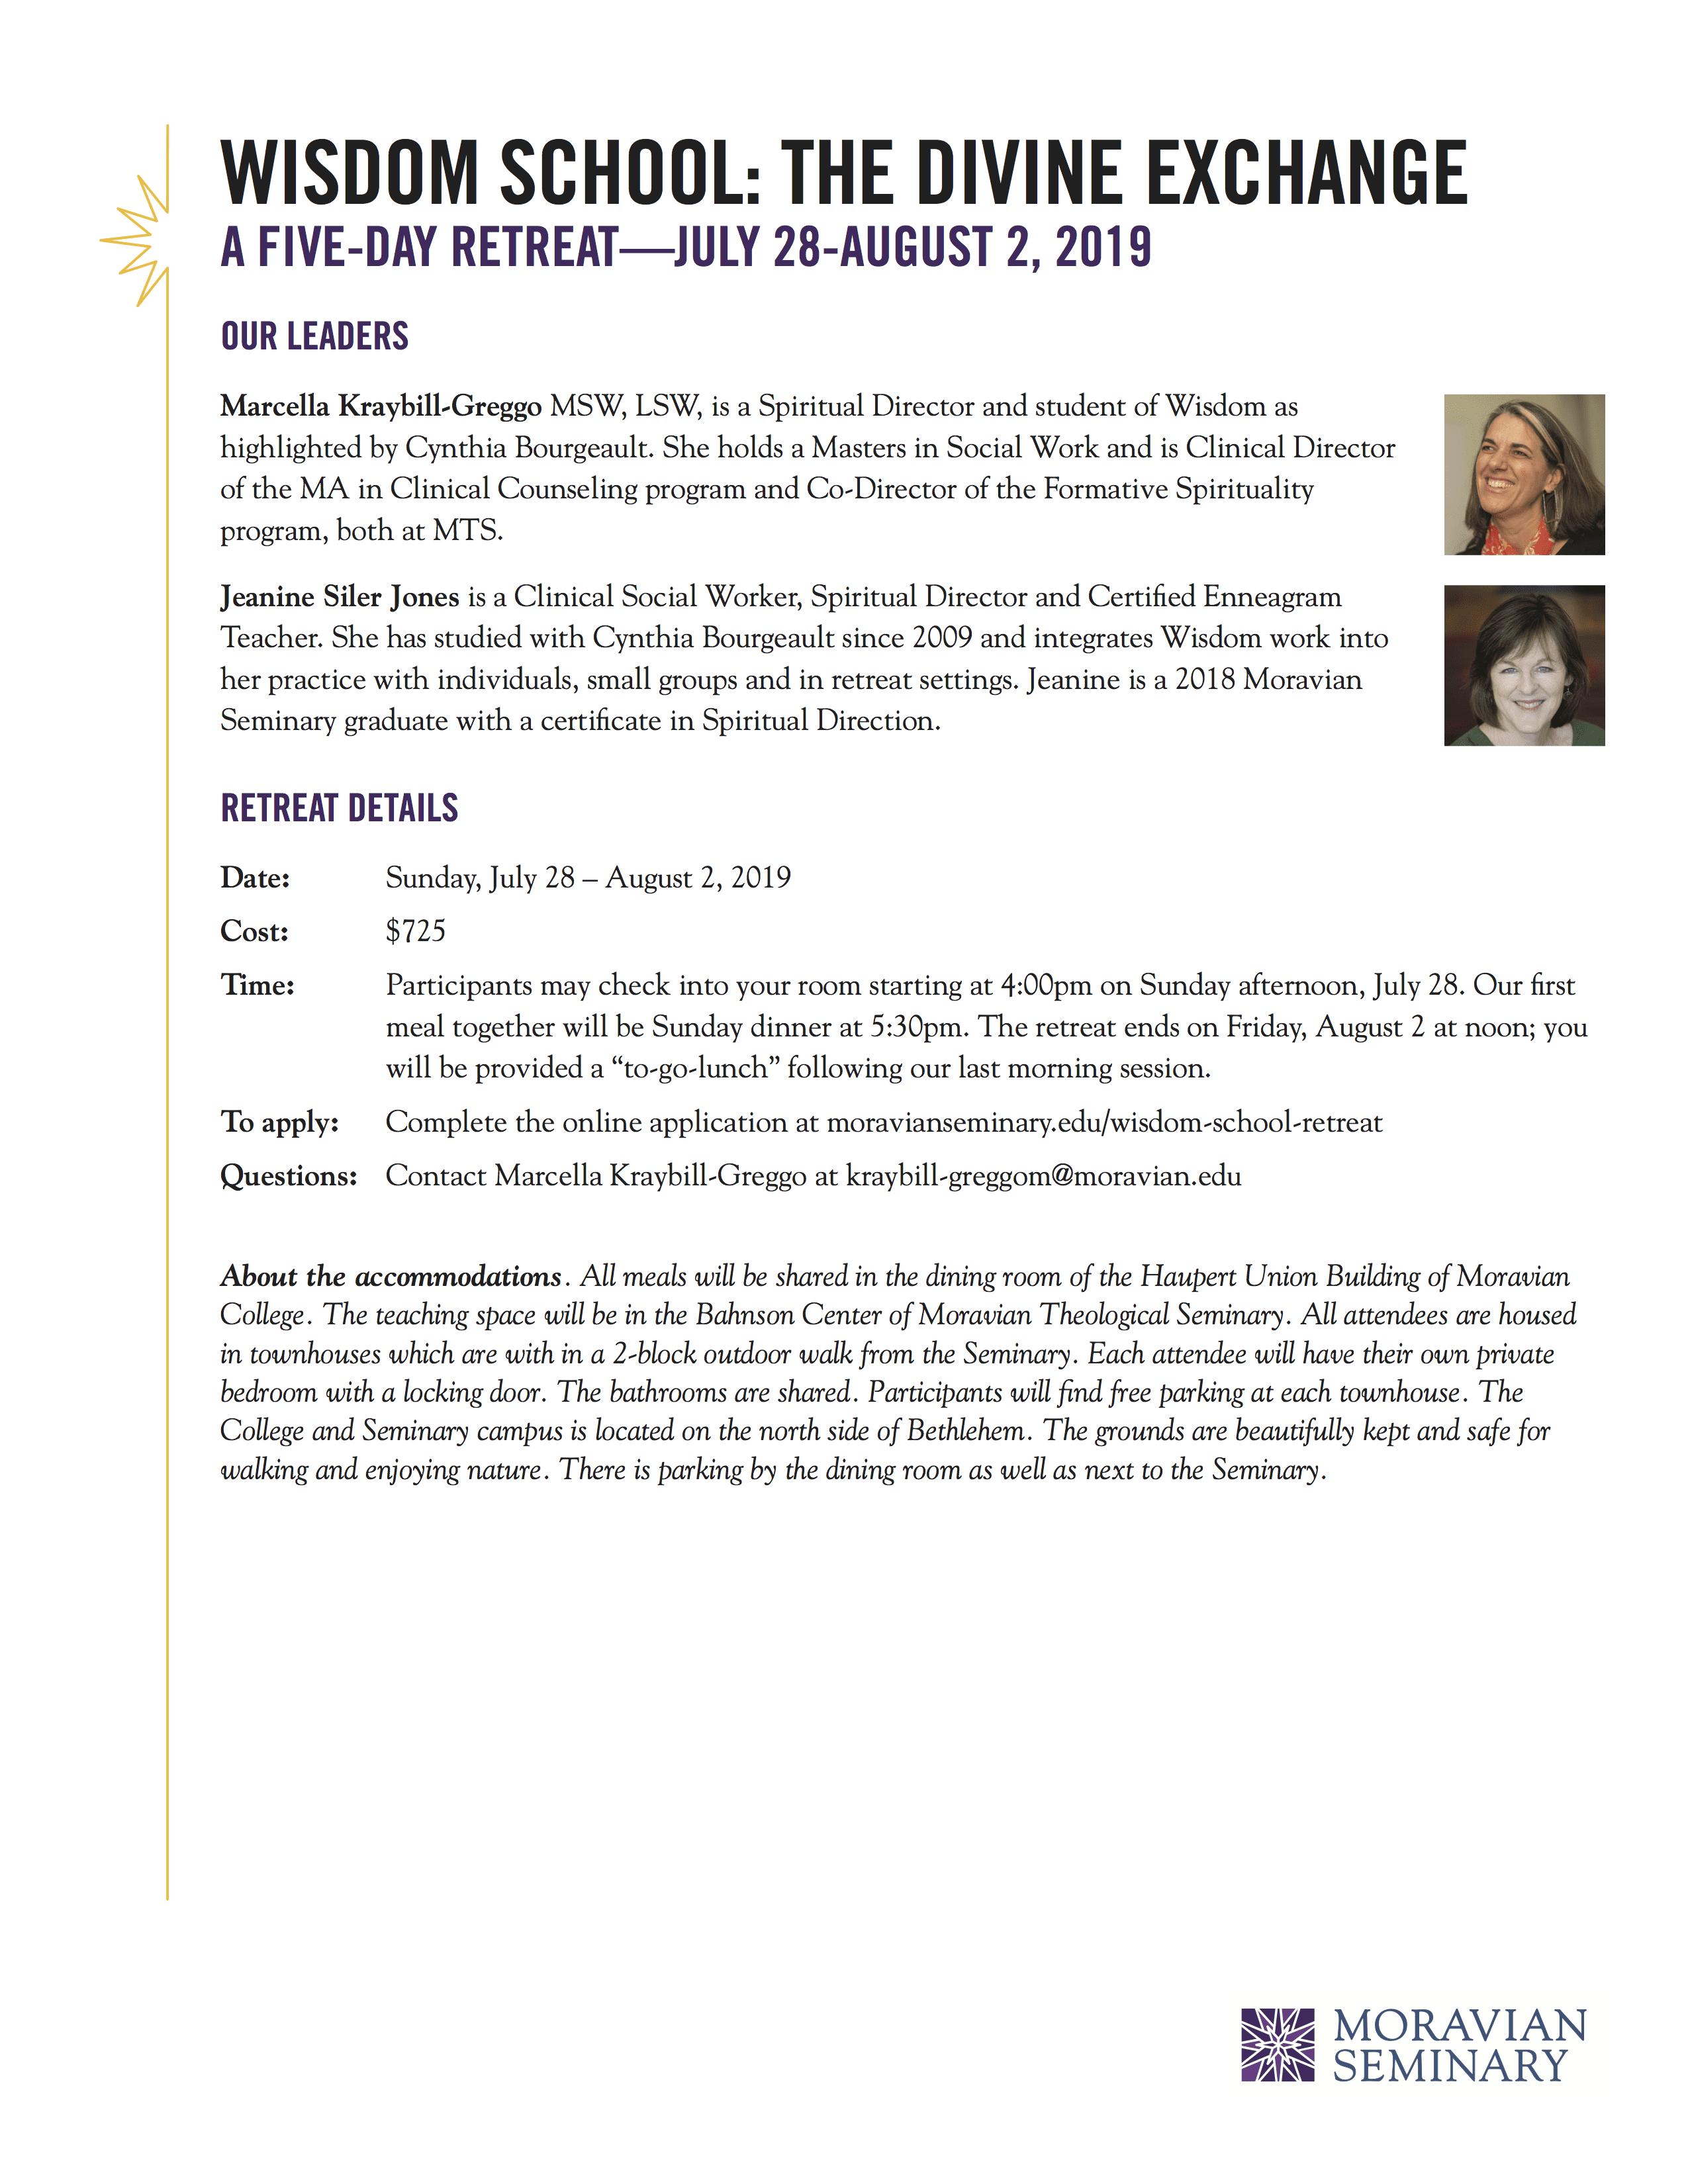 July 2019 Wisdom School Siler Jones Counseling